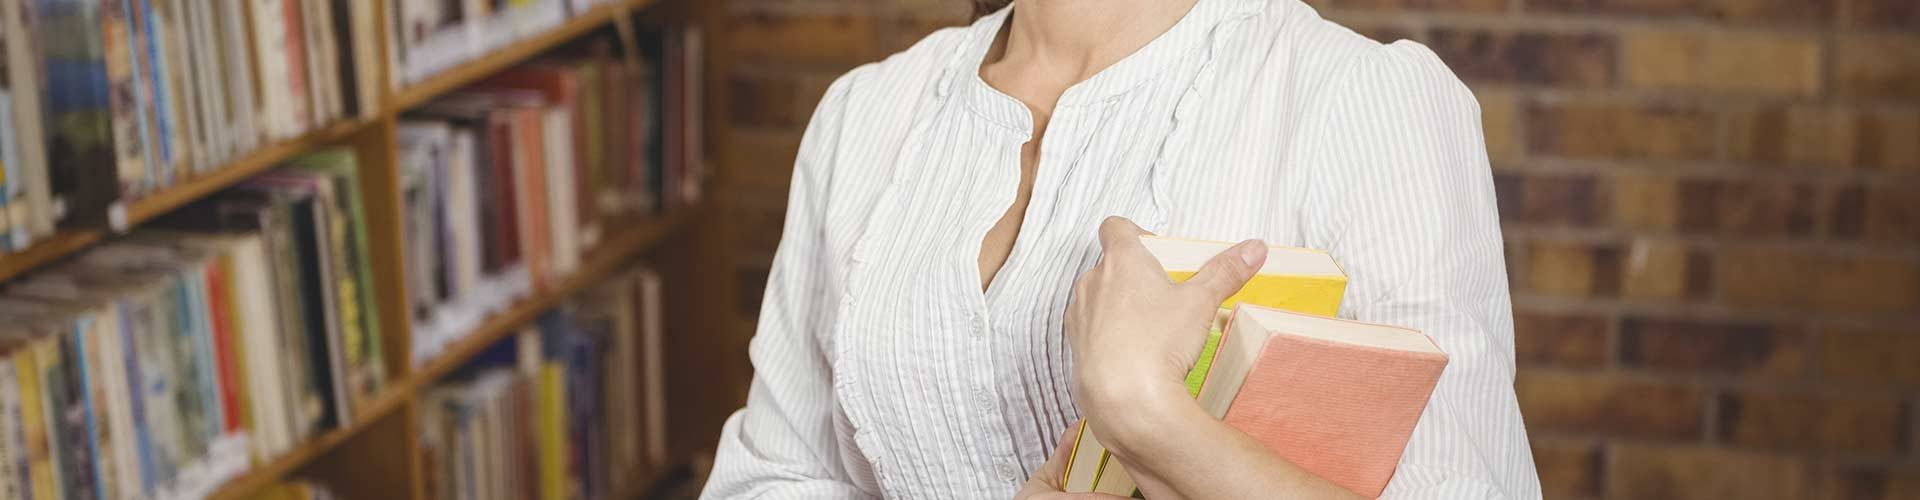 Cómo mejora la calidad de vida con la reducción de estómago